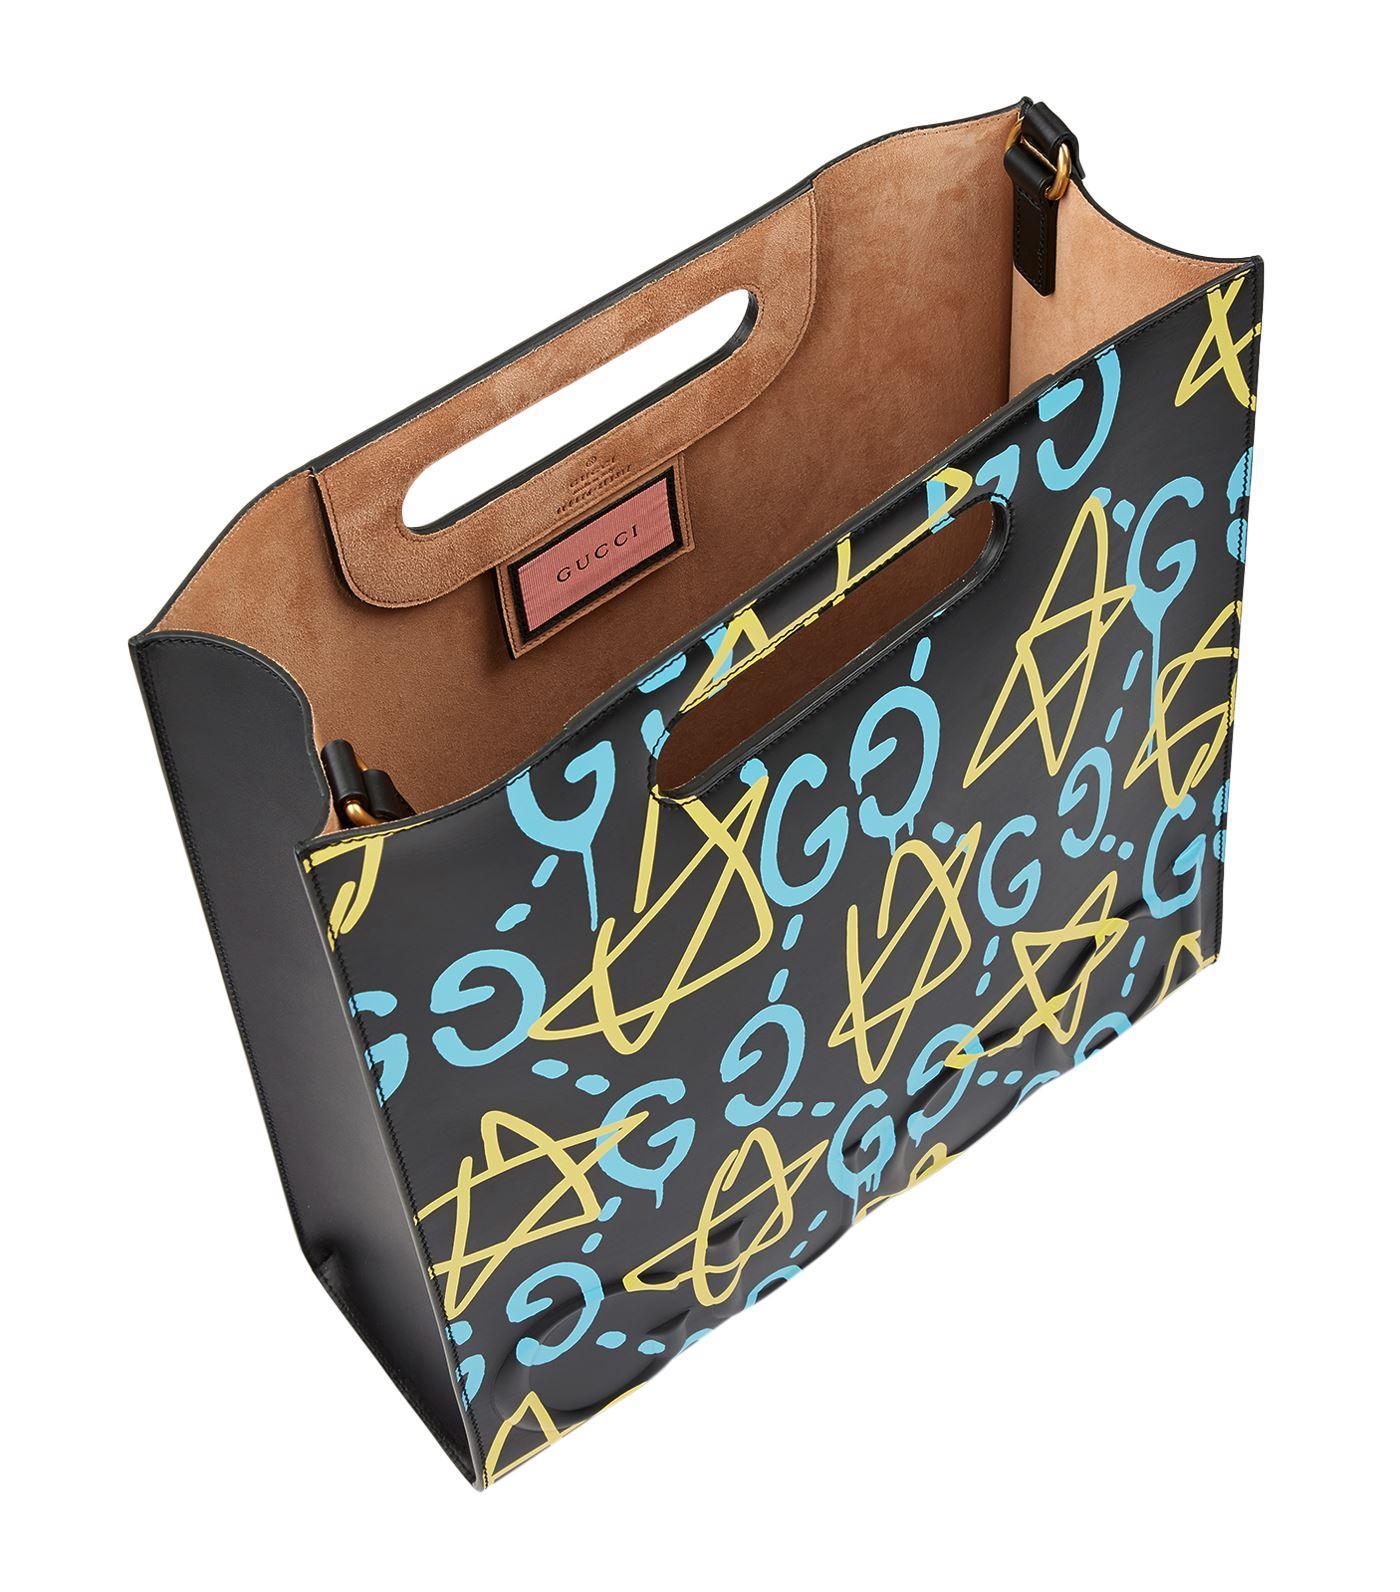 d0398fdf5255 Gucci Tote Handbags Ghost. Gucci Ghost Graffiti Tote Bag in Yellow - Lyst Gucci  Black Leather Ghost Tote - Tradesy